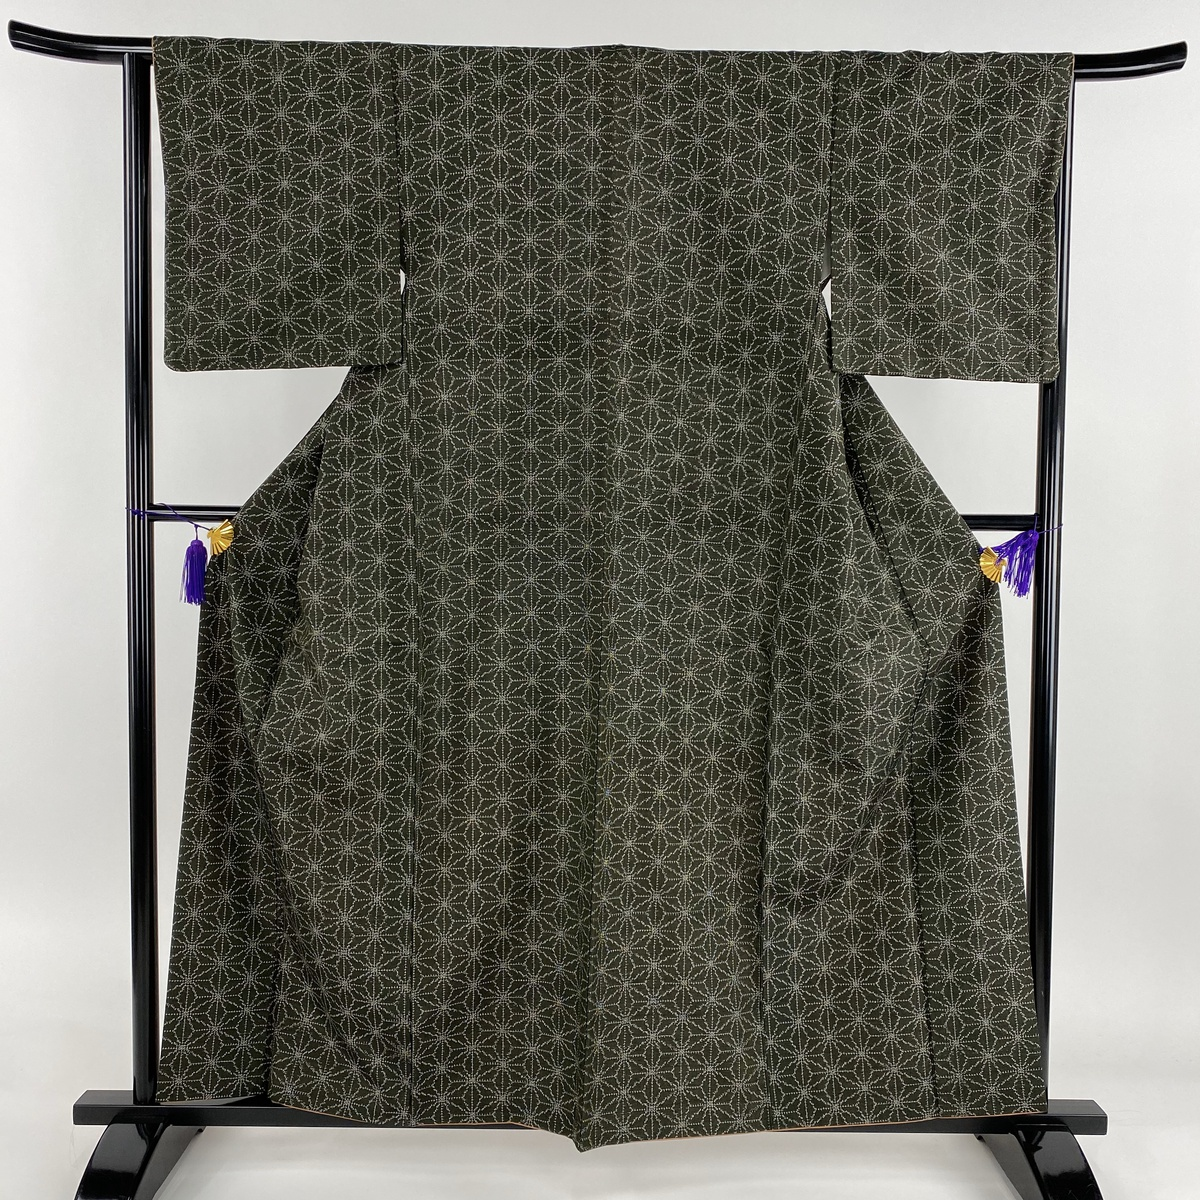 紬 美品 秀品 麻の葉 茶緑色 袷 身丈160cm 裄丈65.5cm M 正絹 【中古】